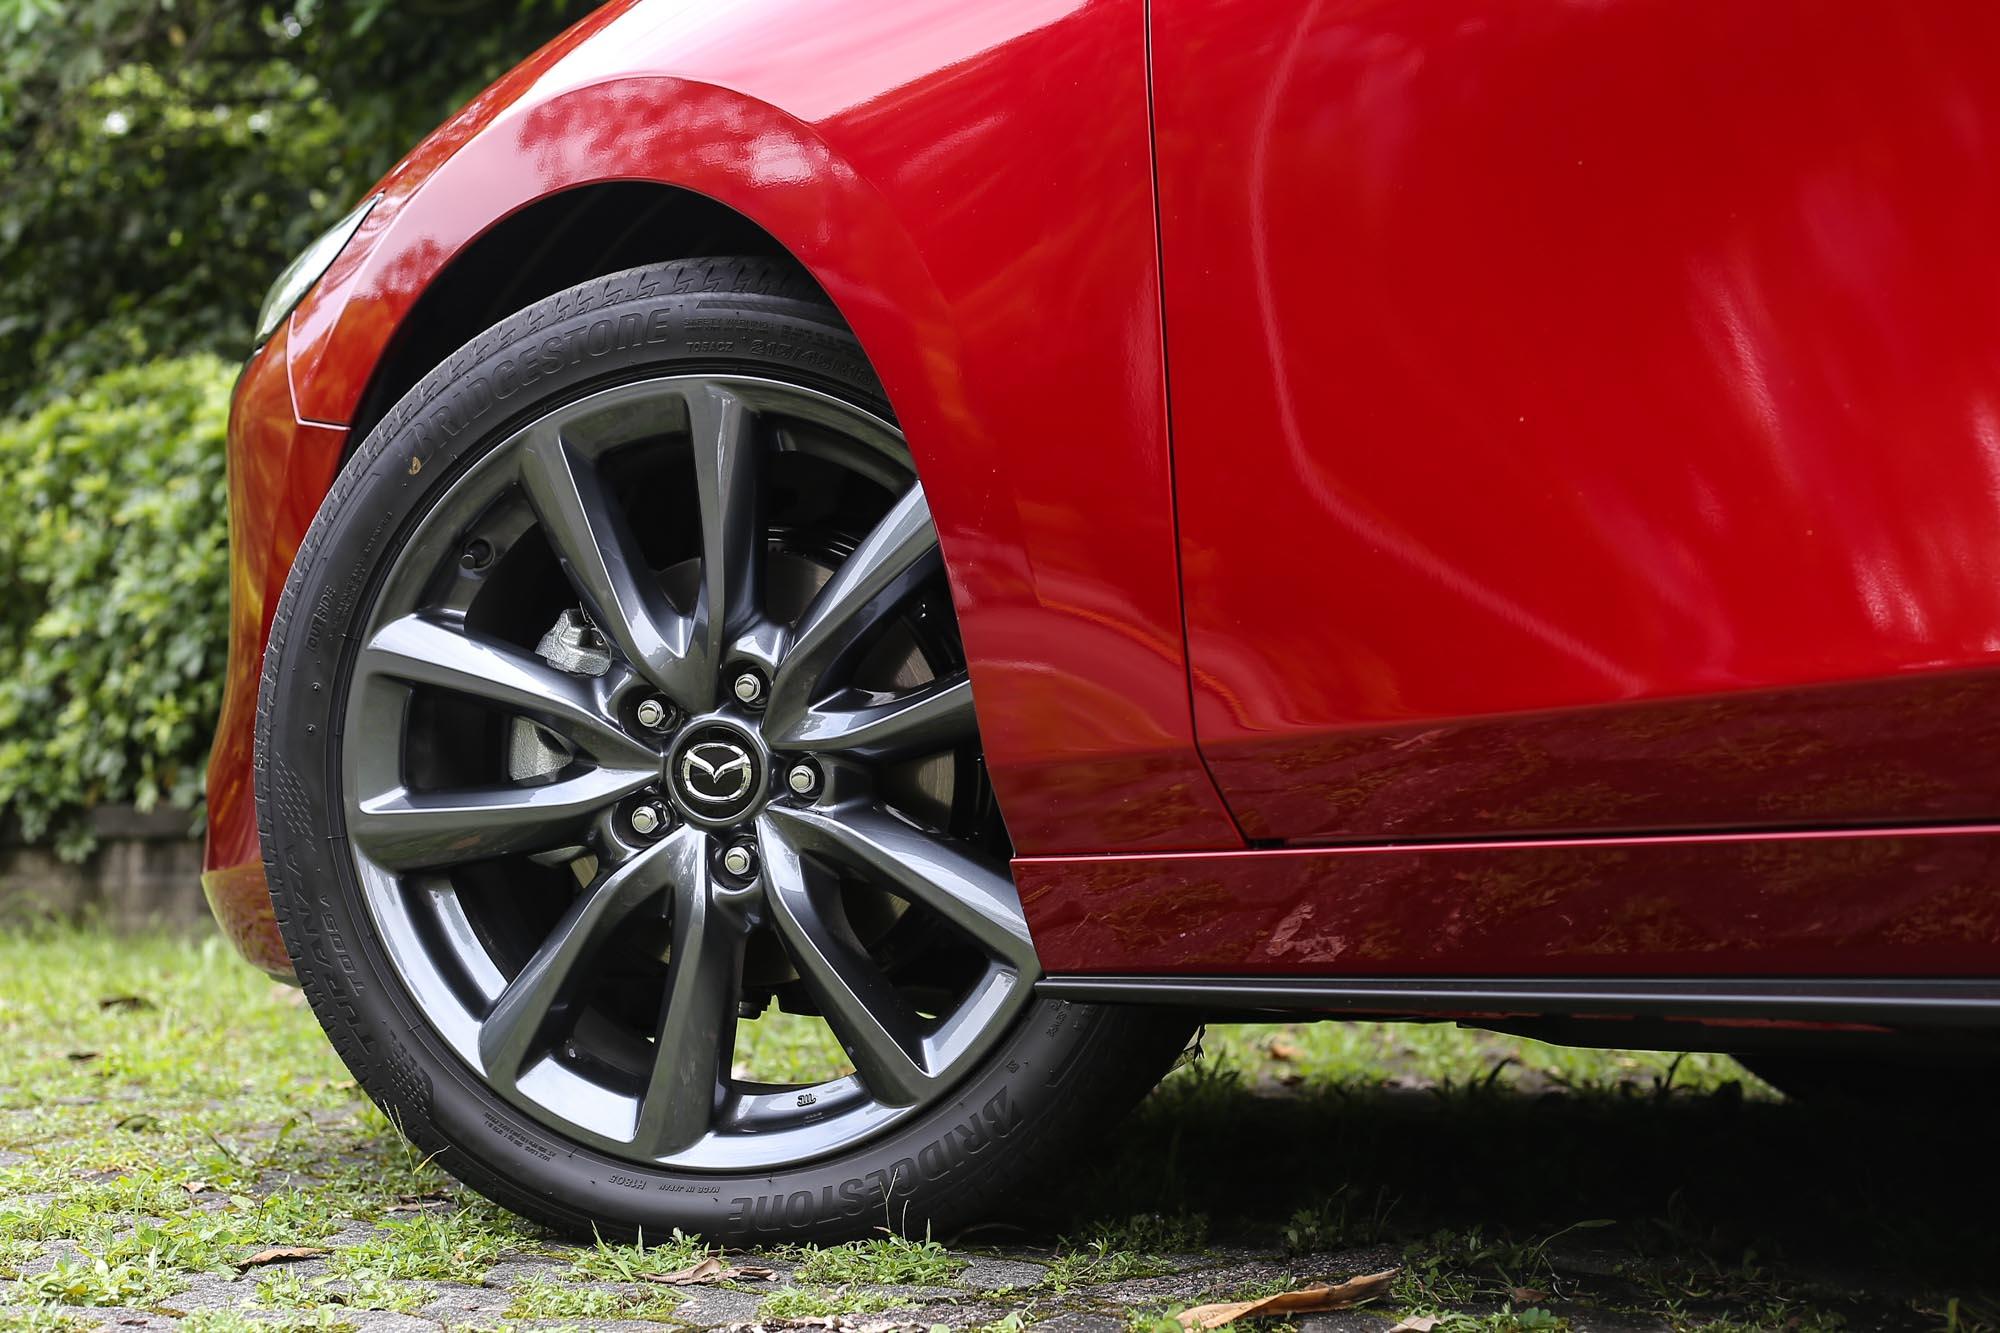 五門車型皆標配 215/45R18 的胎圈規格。